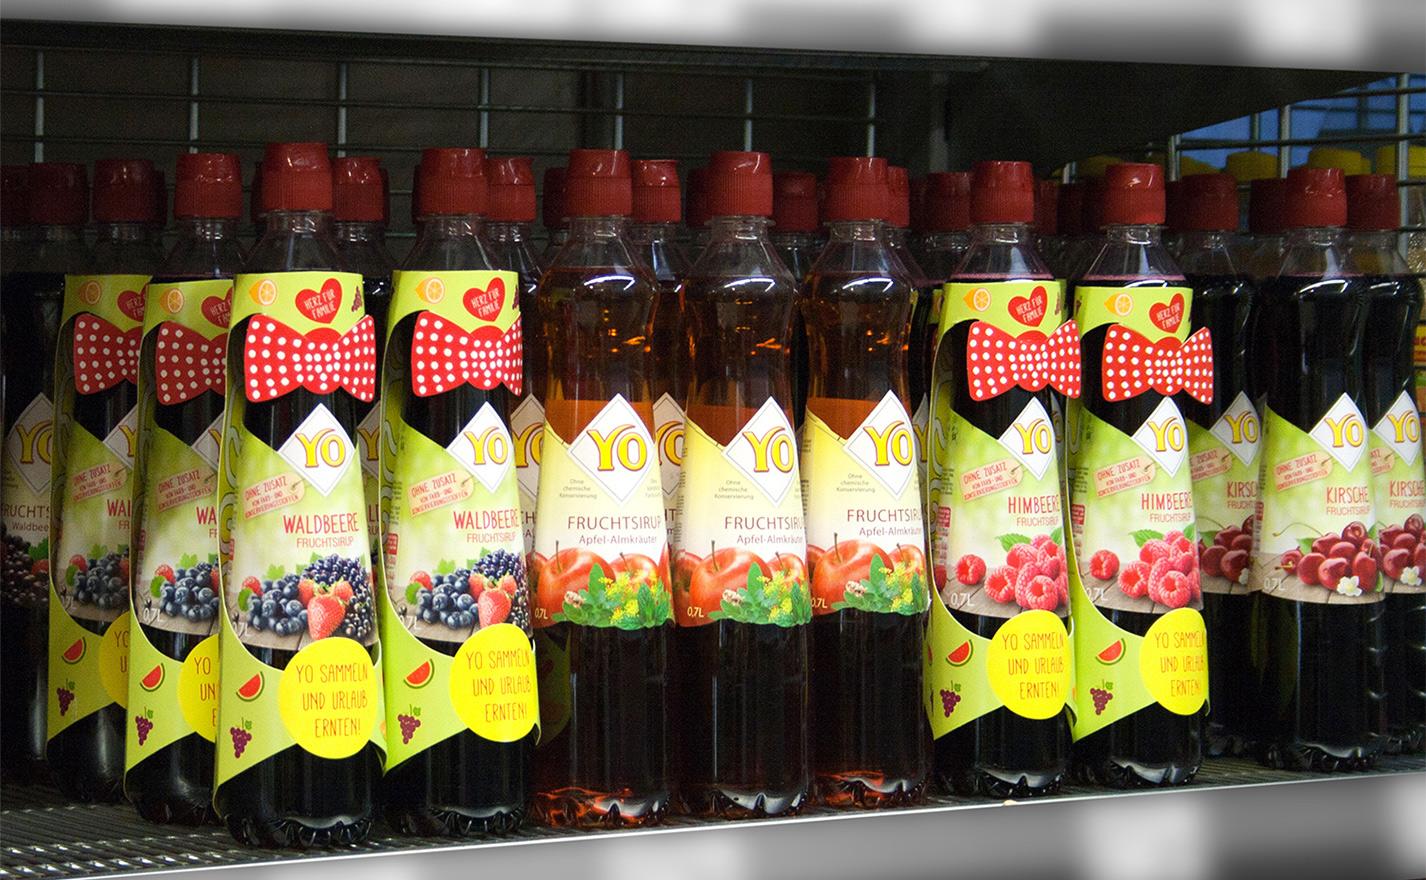 YO Fruchtsirup Promotion Mascherl Shelf impact